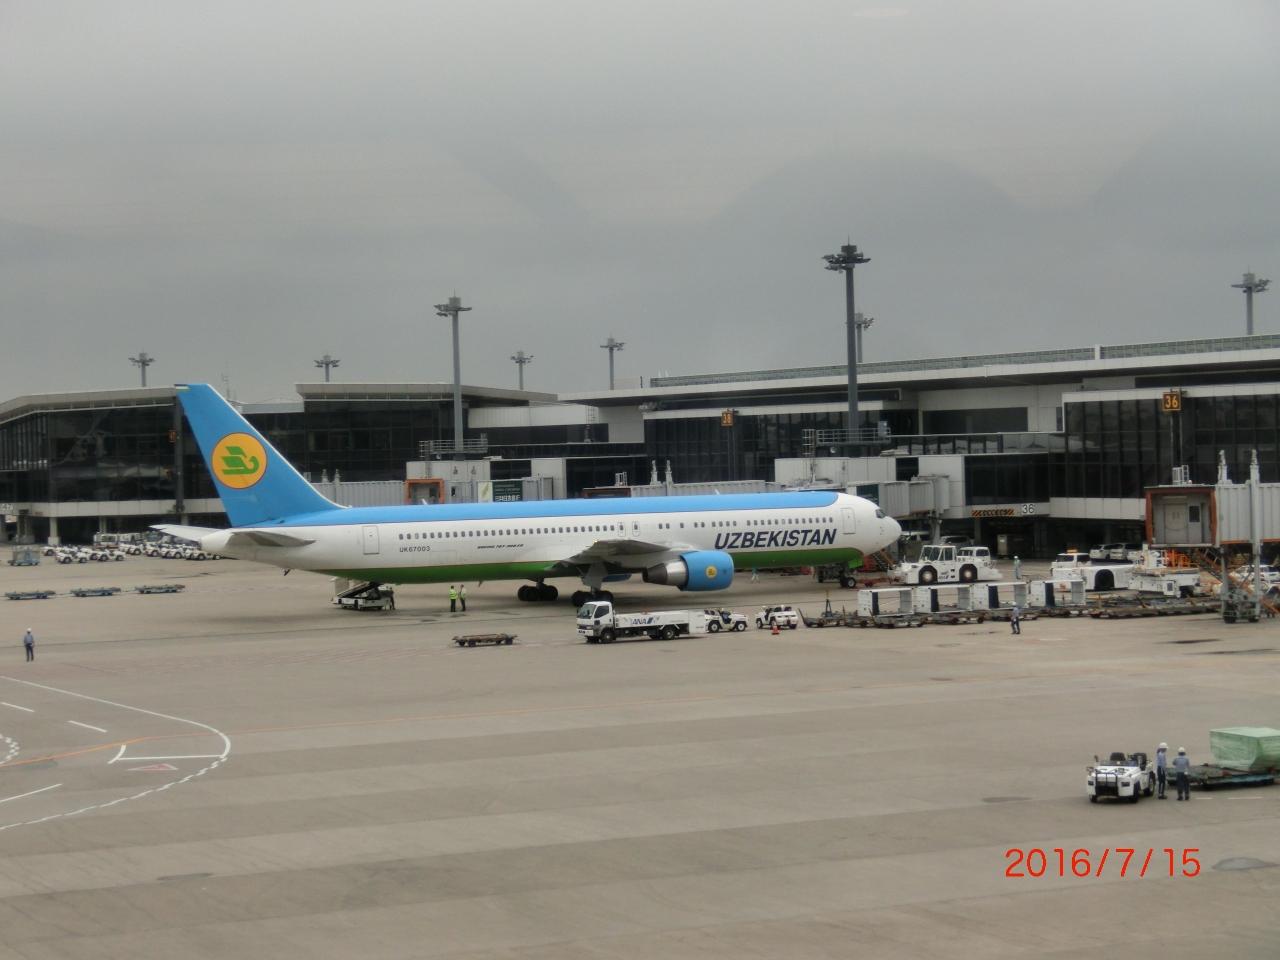 ウズベキスタン航空の国内線とウルゲンチ空港の利用レポ